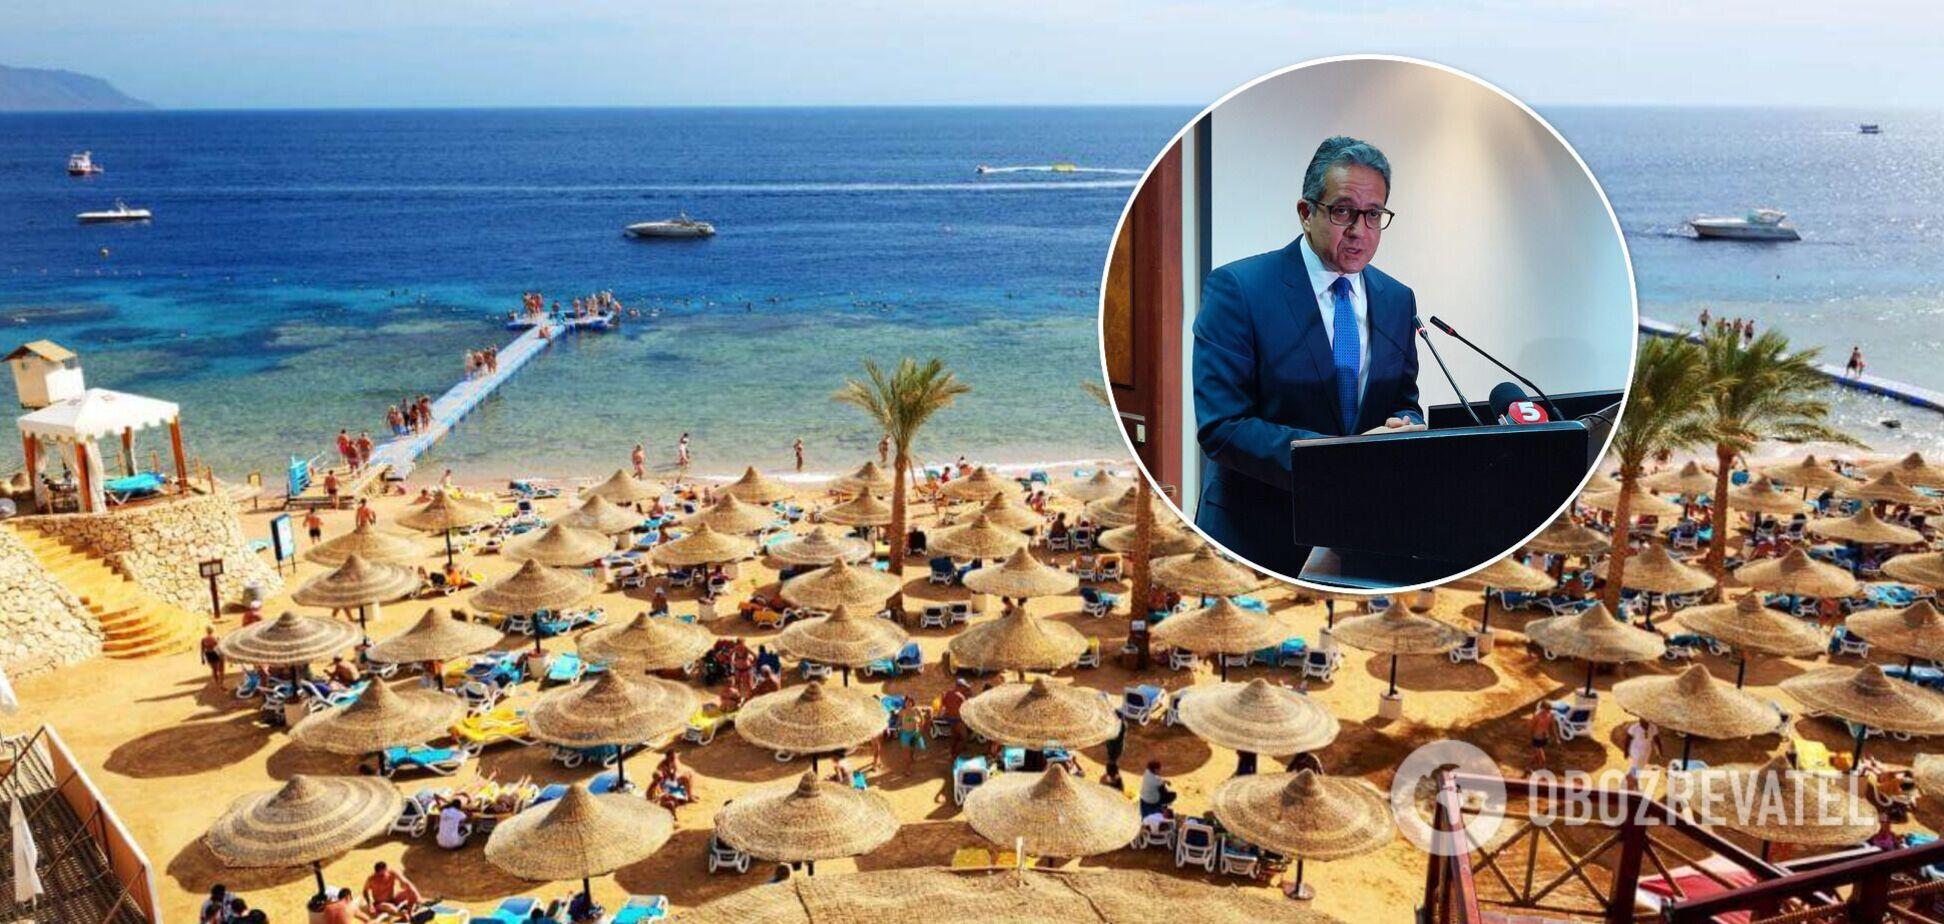 Украина – главный поставщик туристов в Египет, в отелях начнут говорить на украинском, – министр Халед эль-Энани